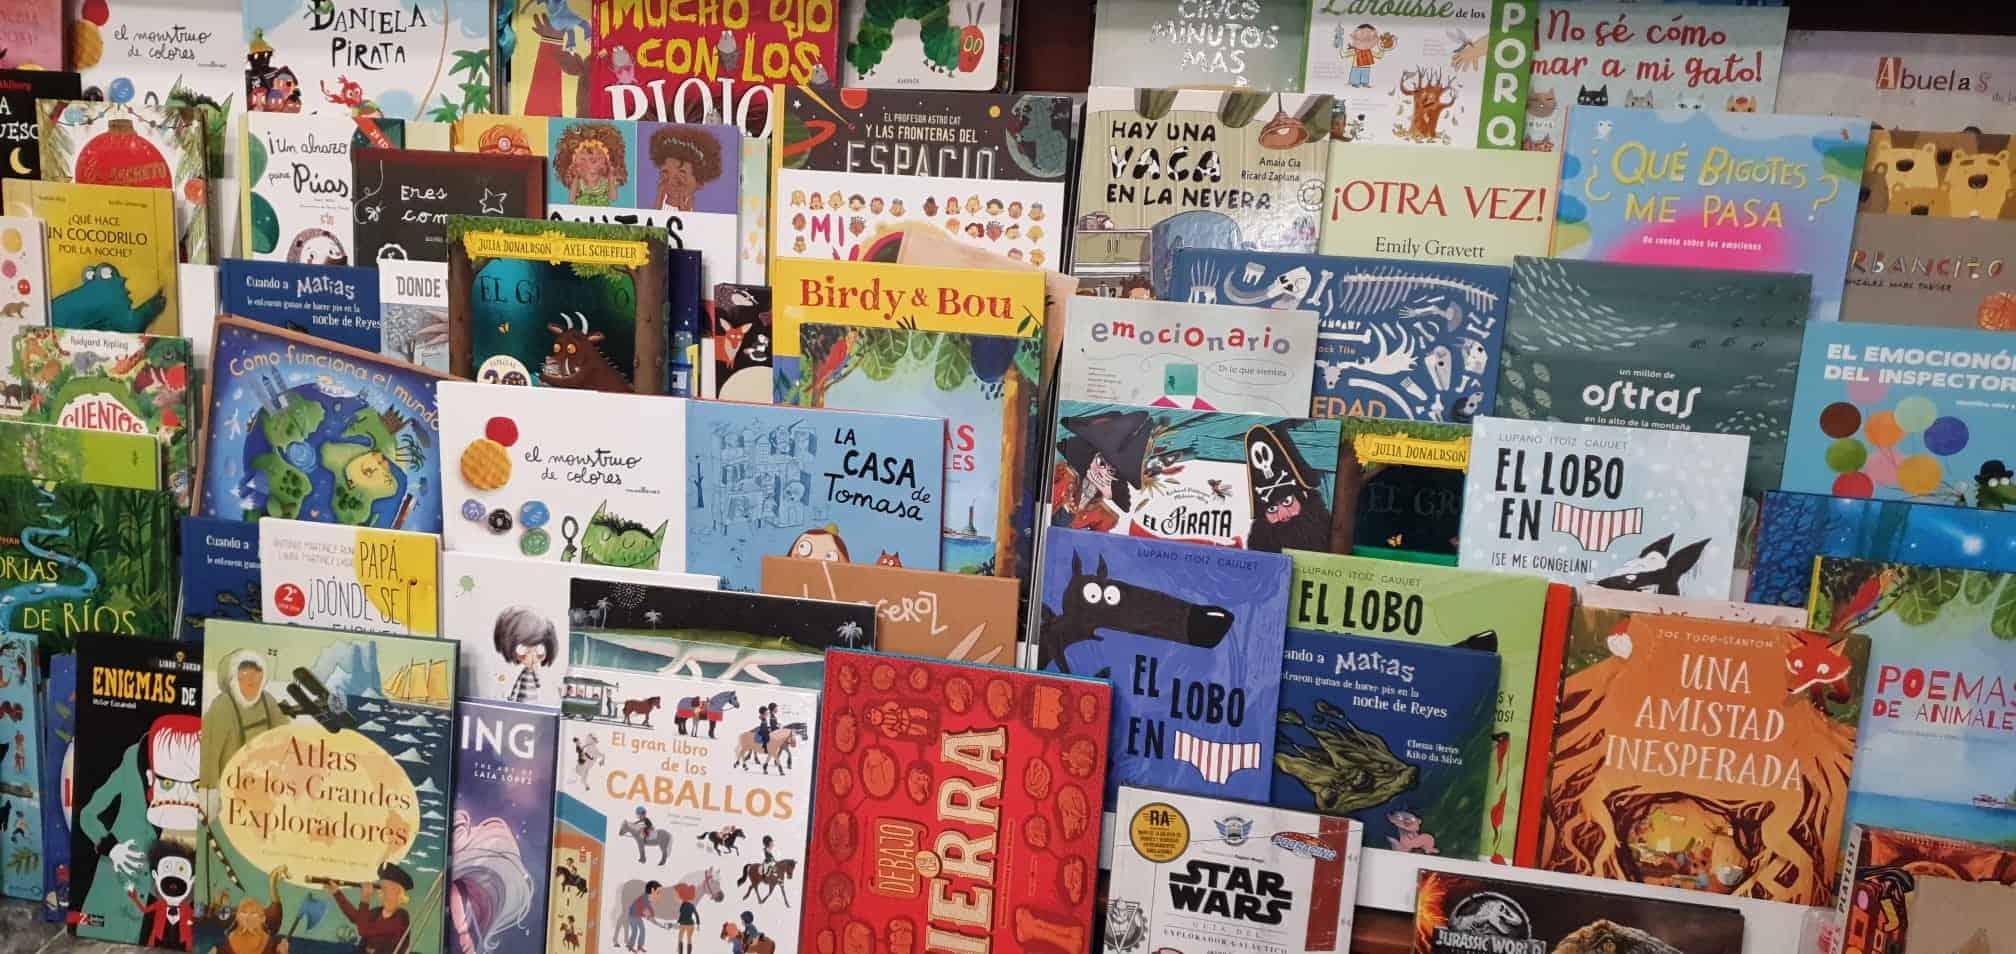 Seis libros infantiles para pedir a los Reyes Magos